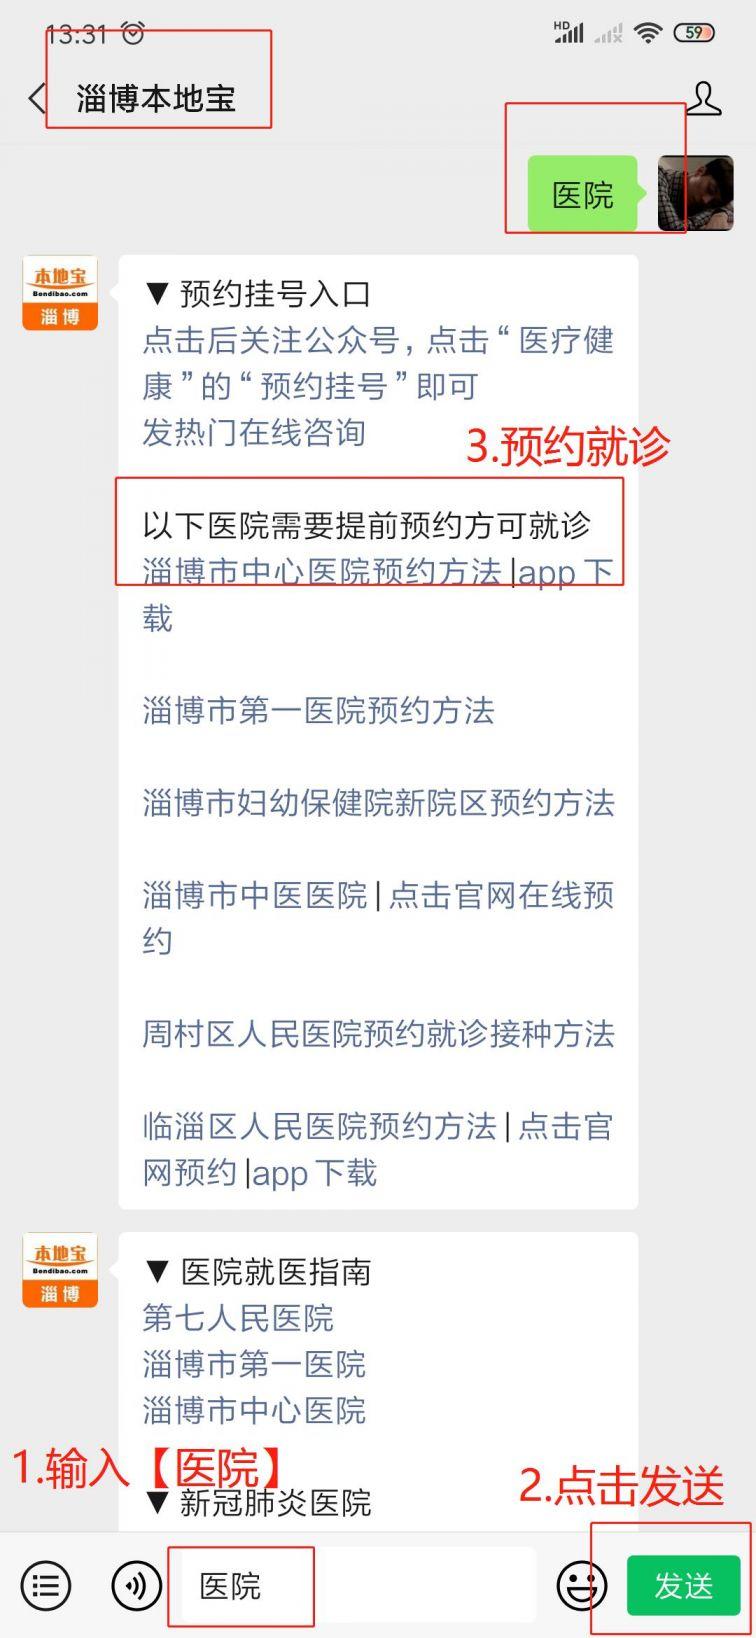 淄博市中医医院最新门诊就诊及住院须知